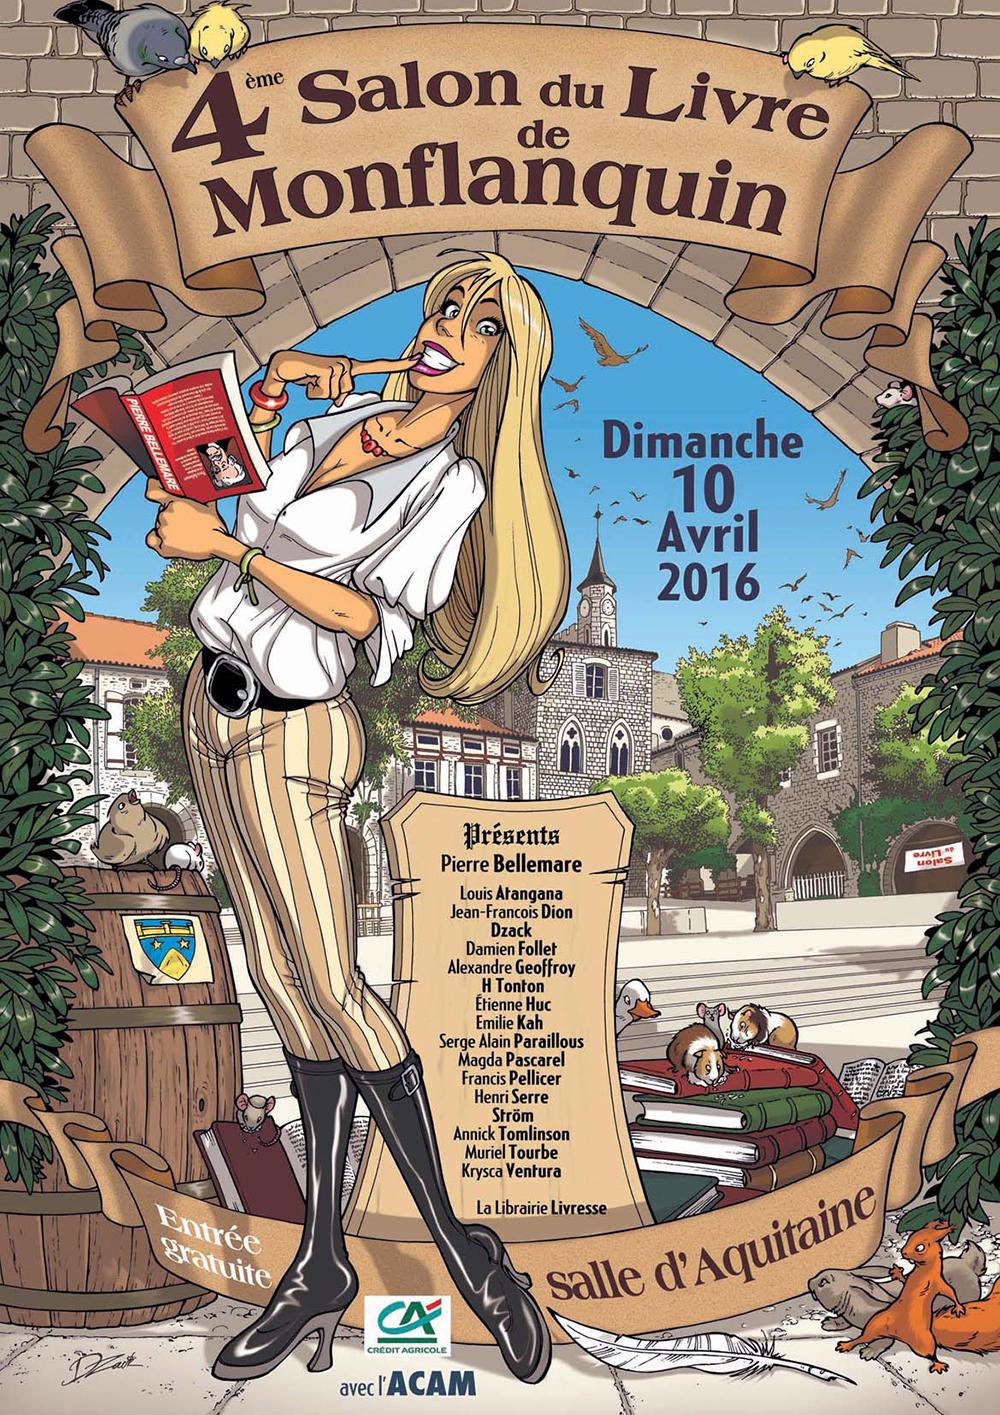 7 lire salon du livre for Salon du livre politique